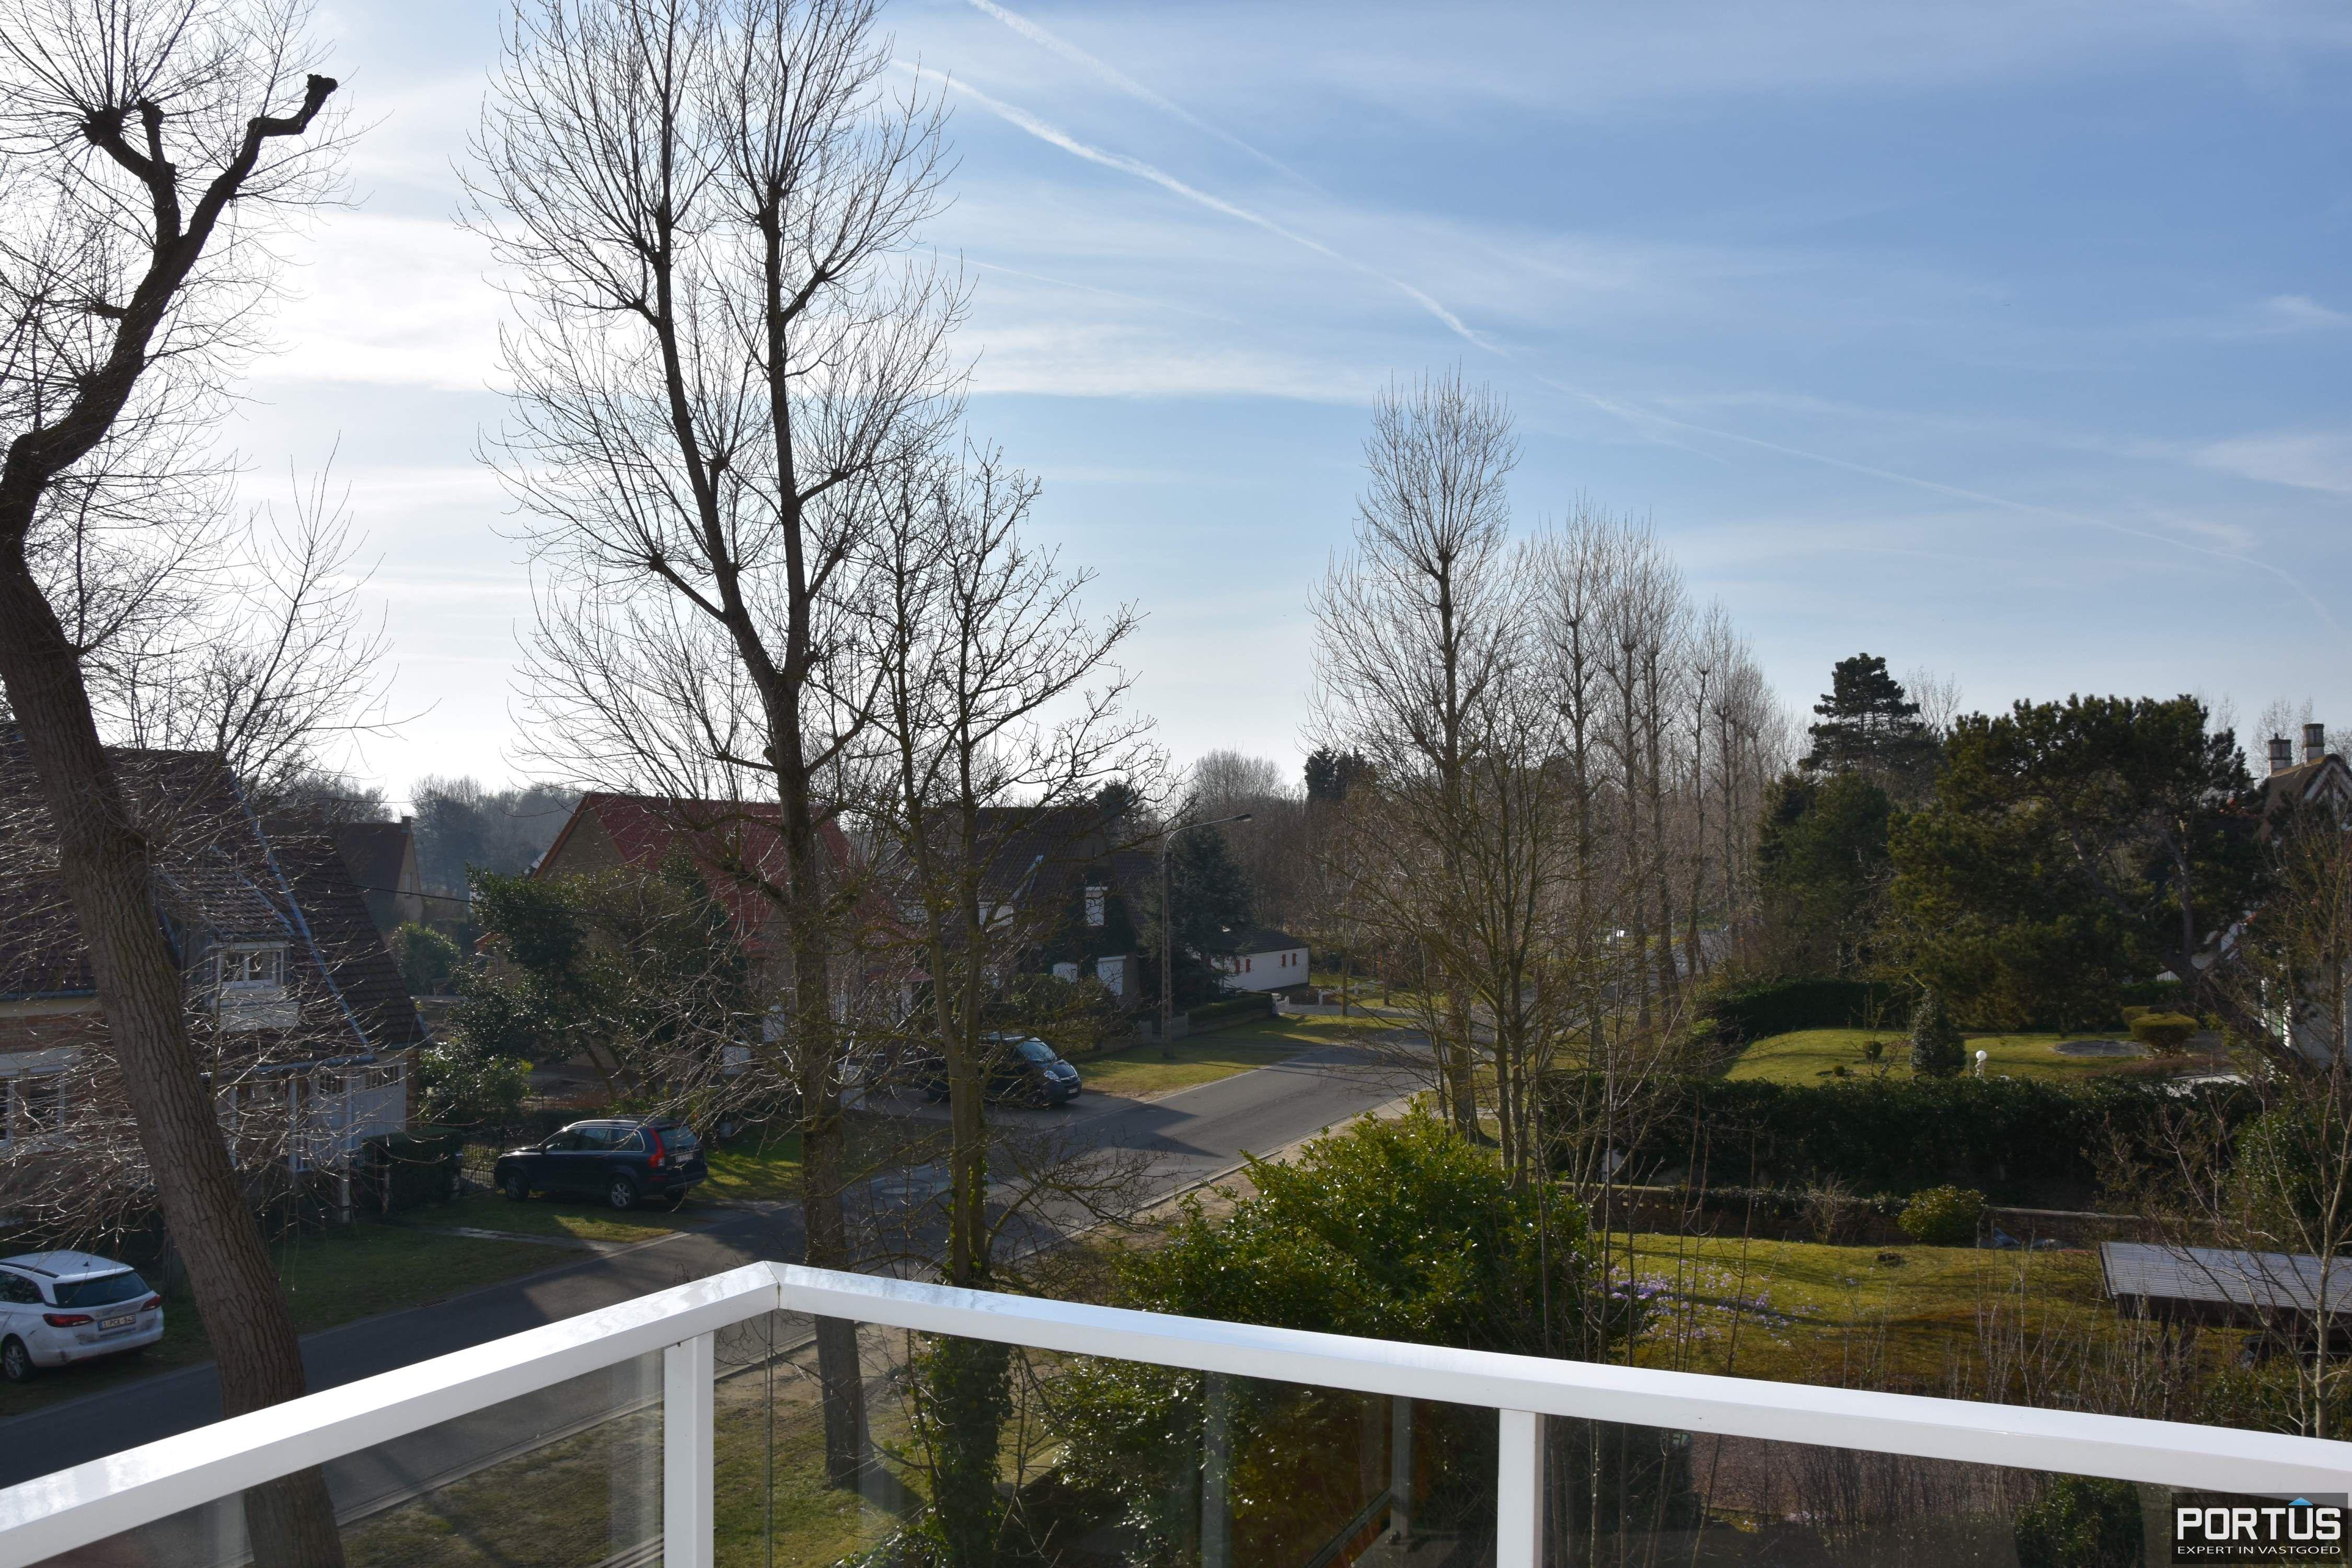 Appartement Residentie Villa Crombez Nieuwpoort - 9298